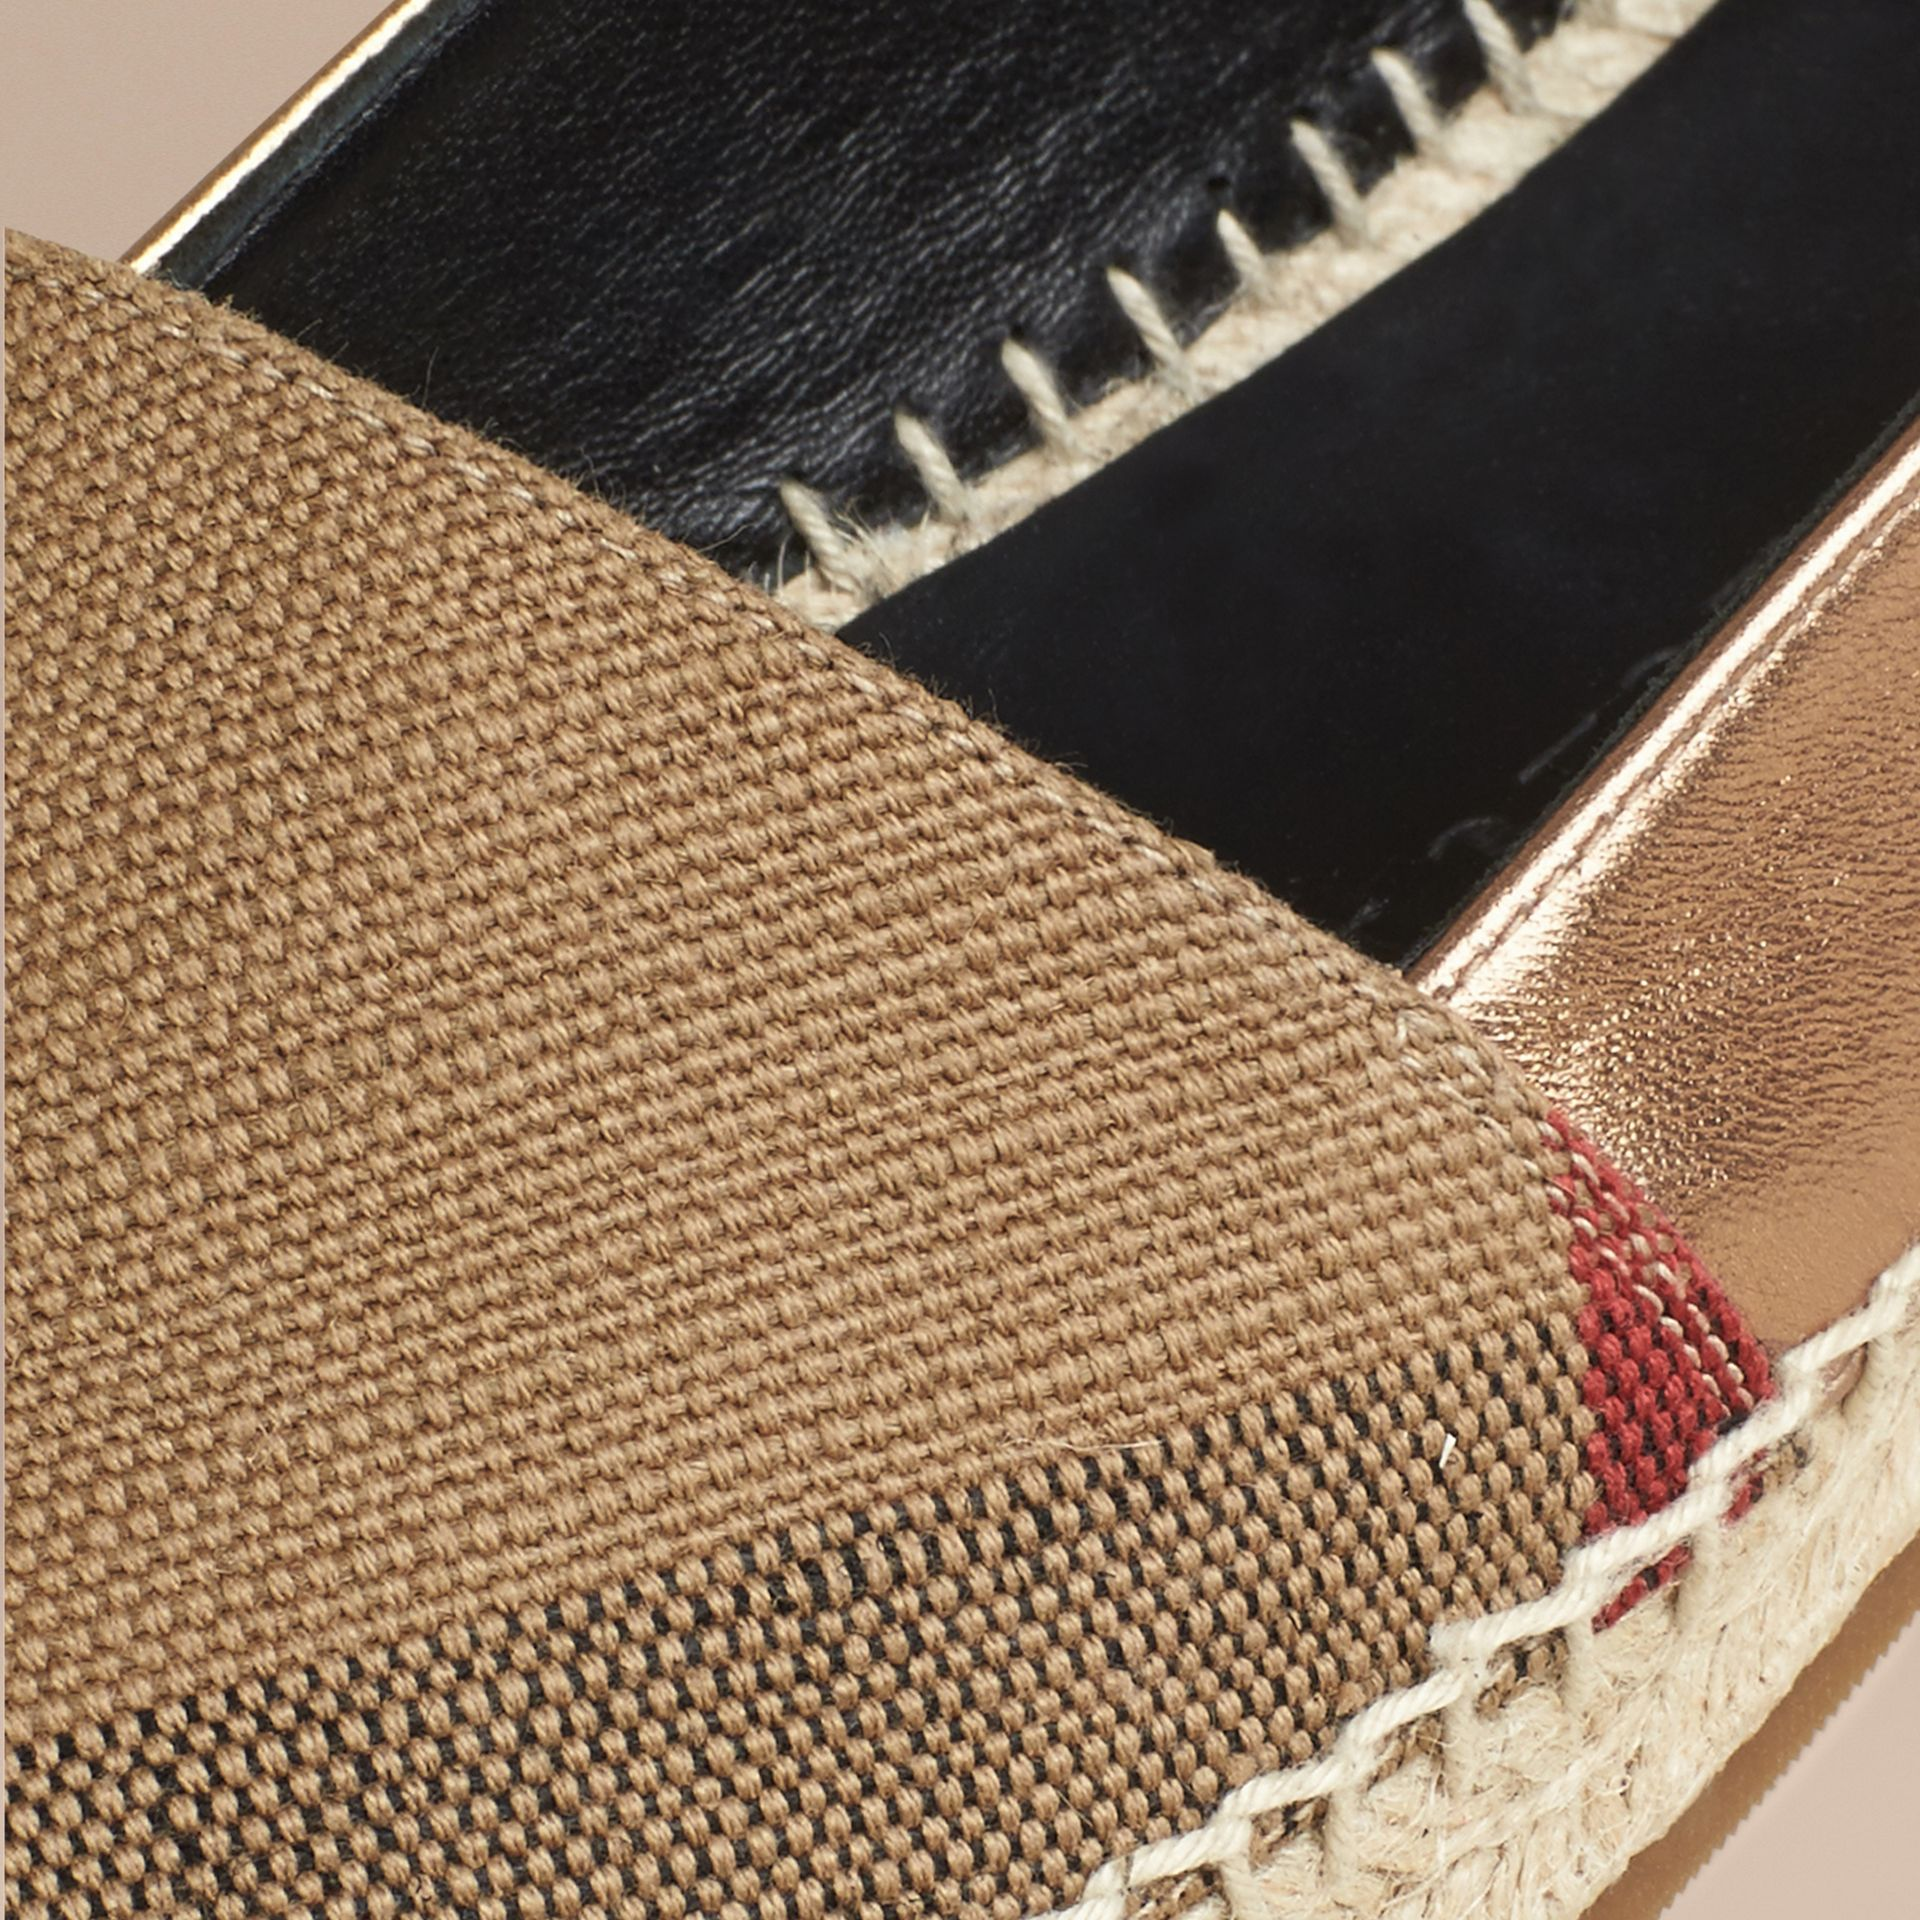 Dorado tradicional Esparteñas de checks en piel, yute y algodón - imagen de la galería 2